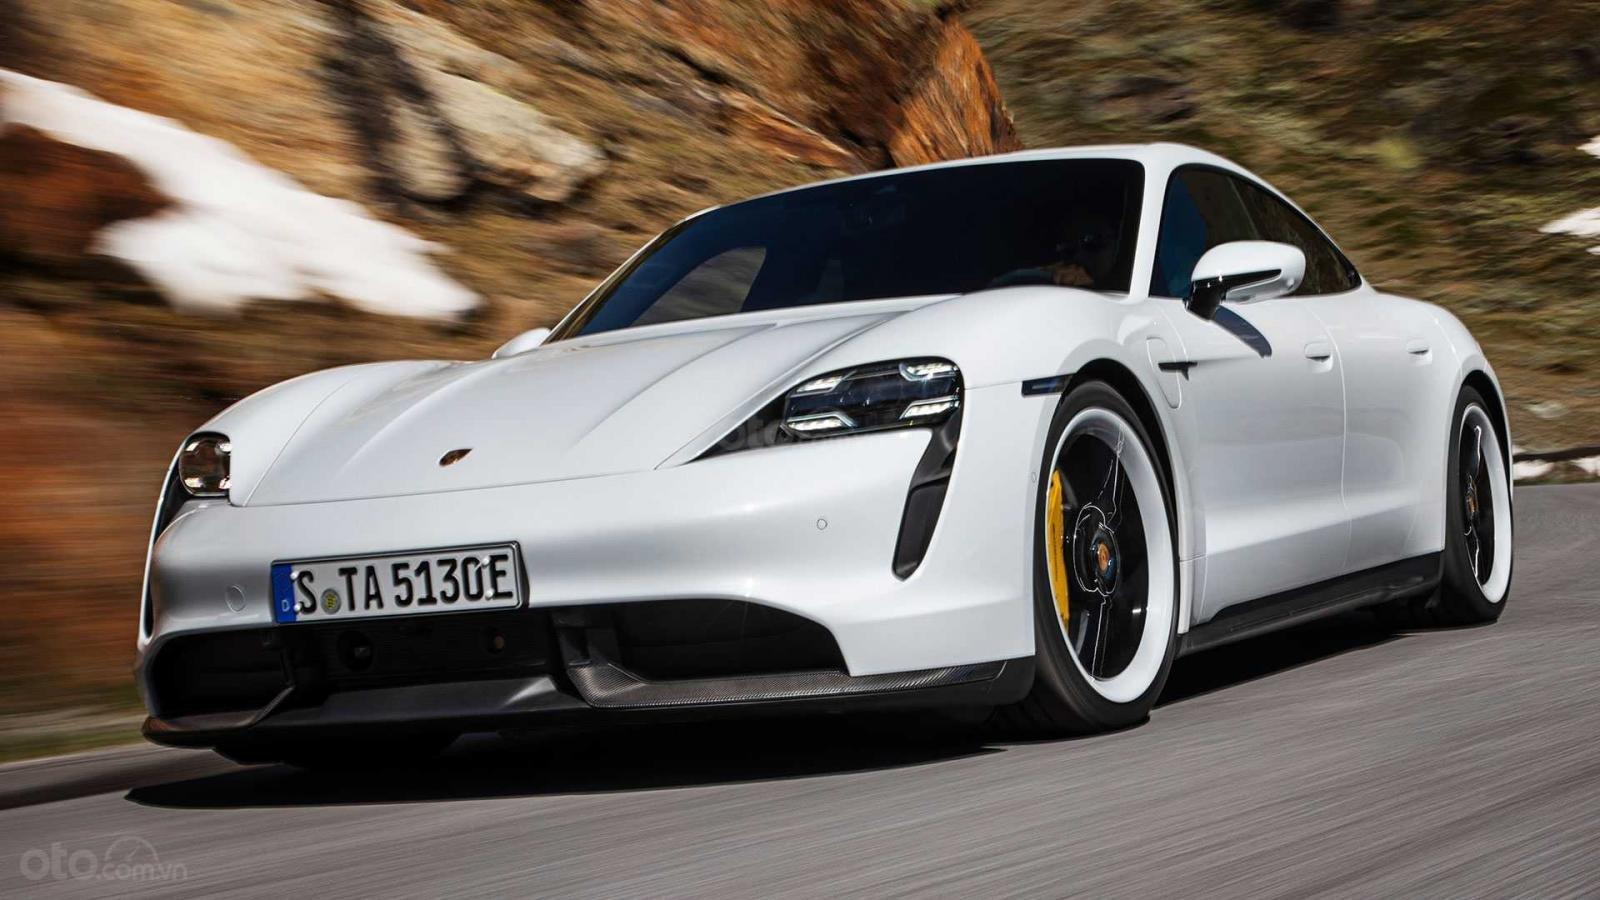 Porsche Taycan 2020 mạnh mẽ hơn hầu hết xe điện khác.